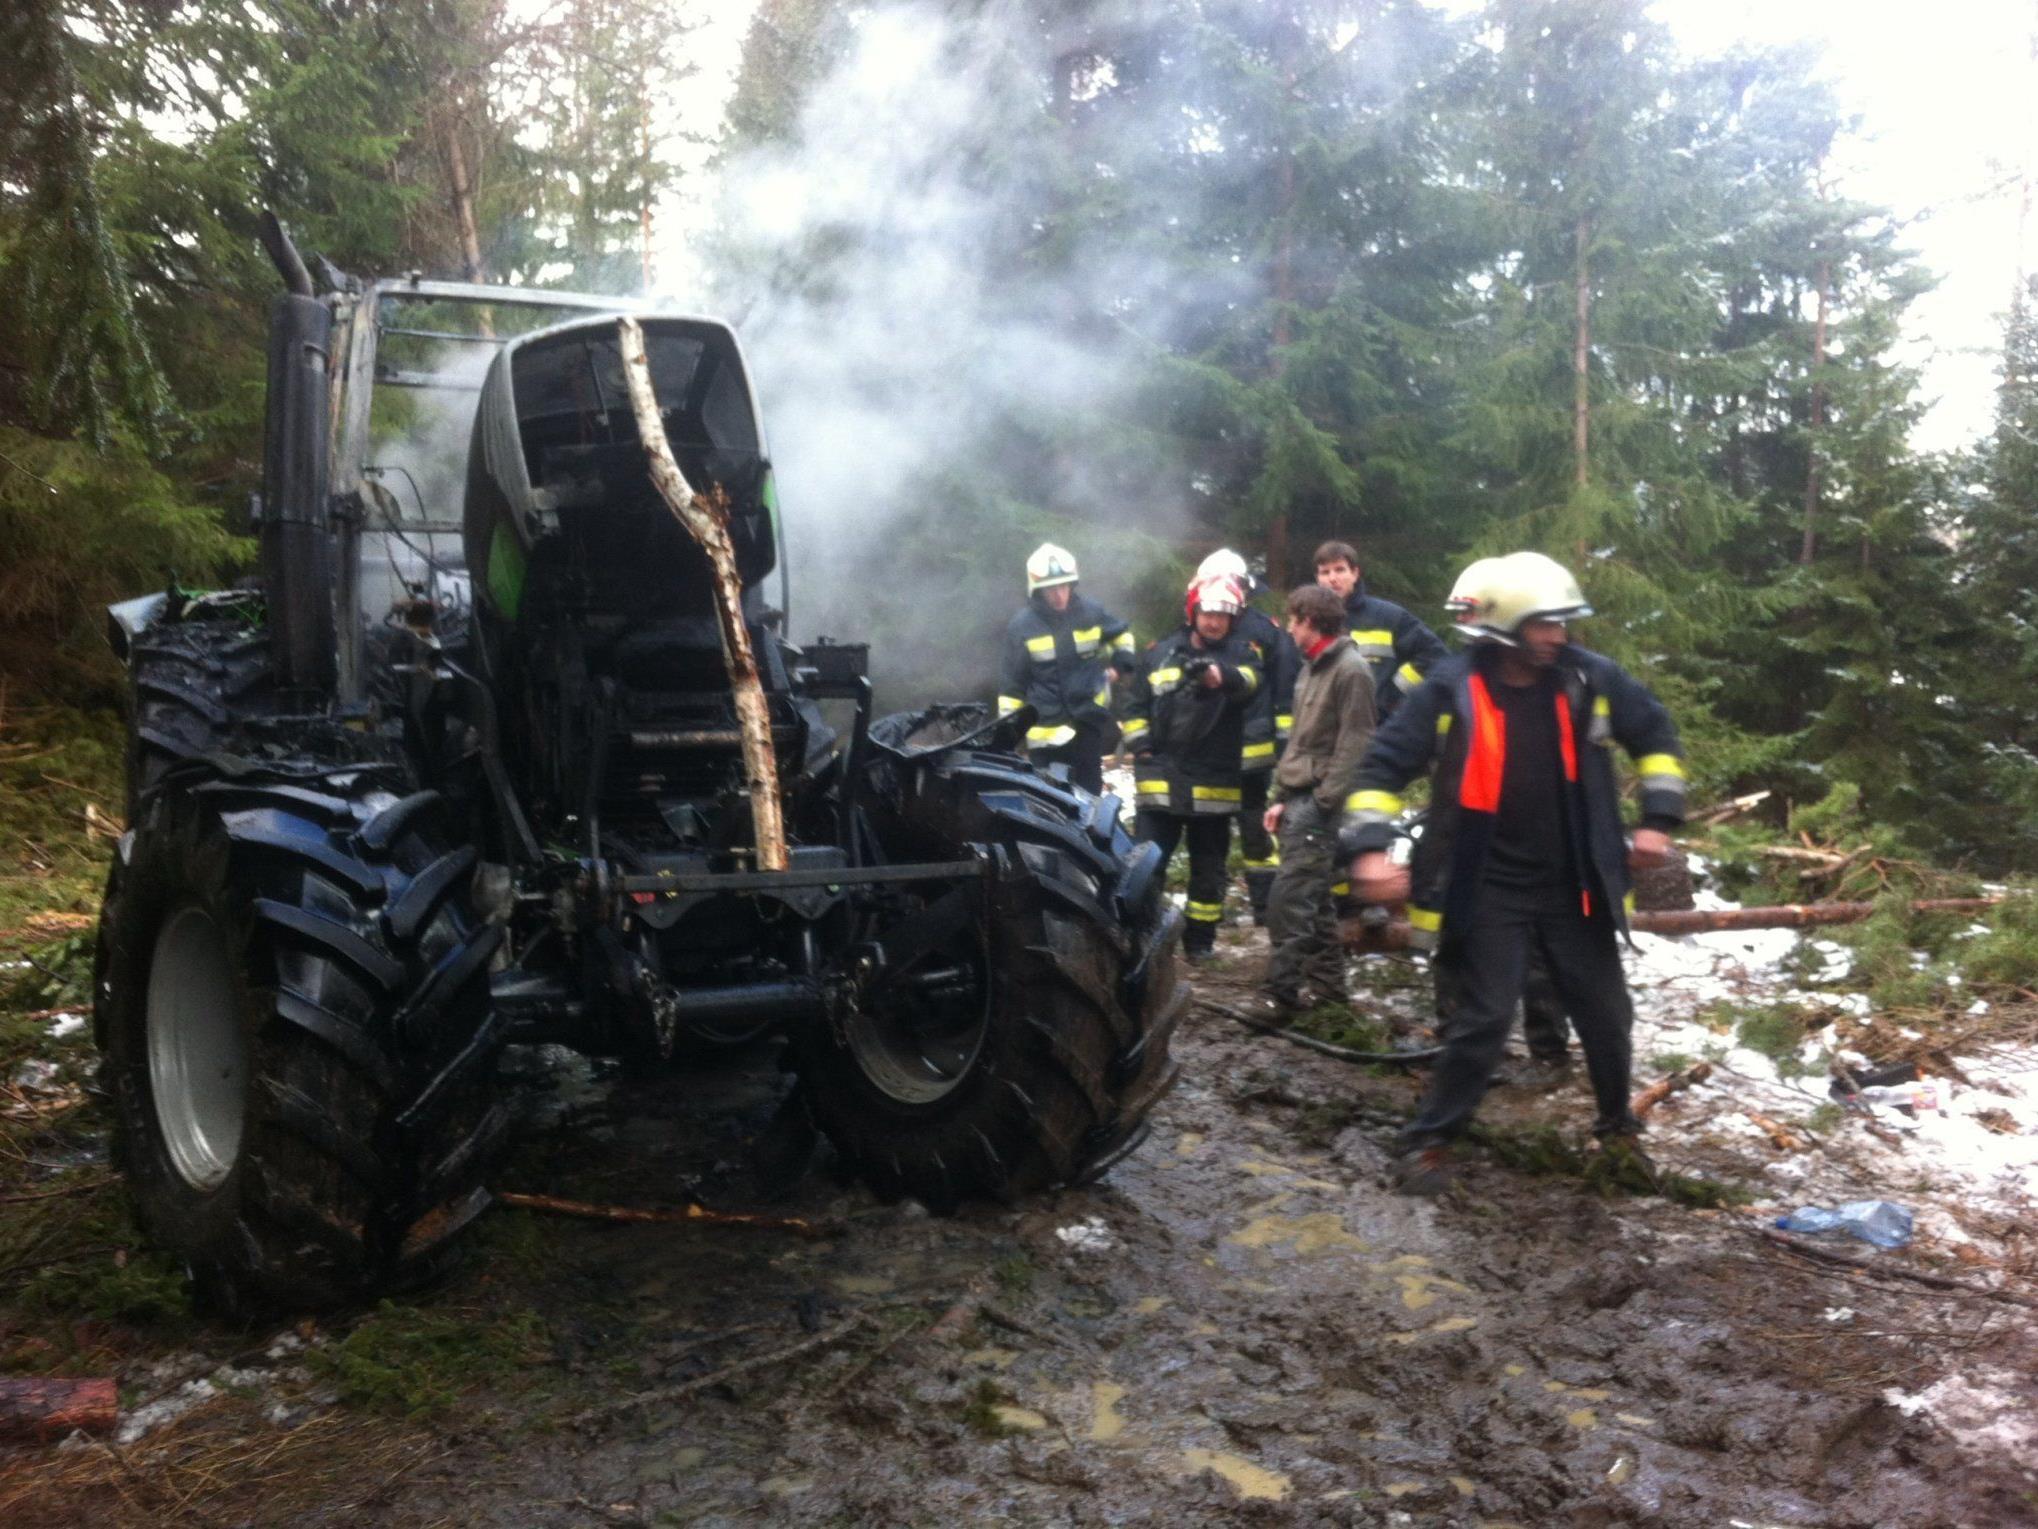 Am Eichberg sorgte ein brennender Traktor für einen Feuerwehreinsatz.